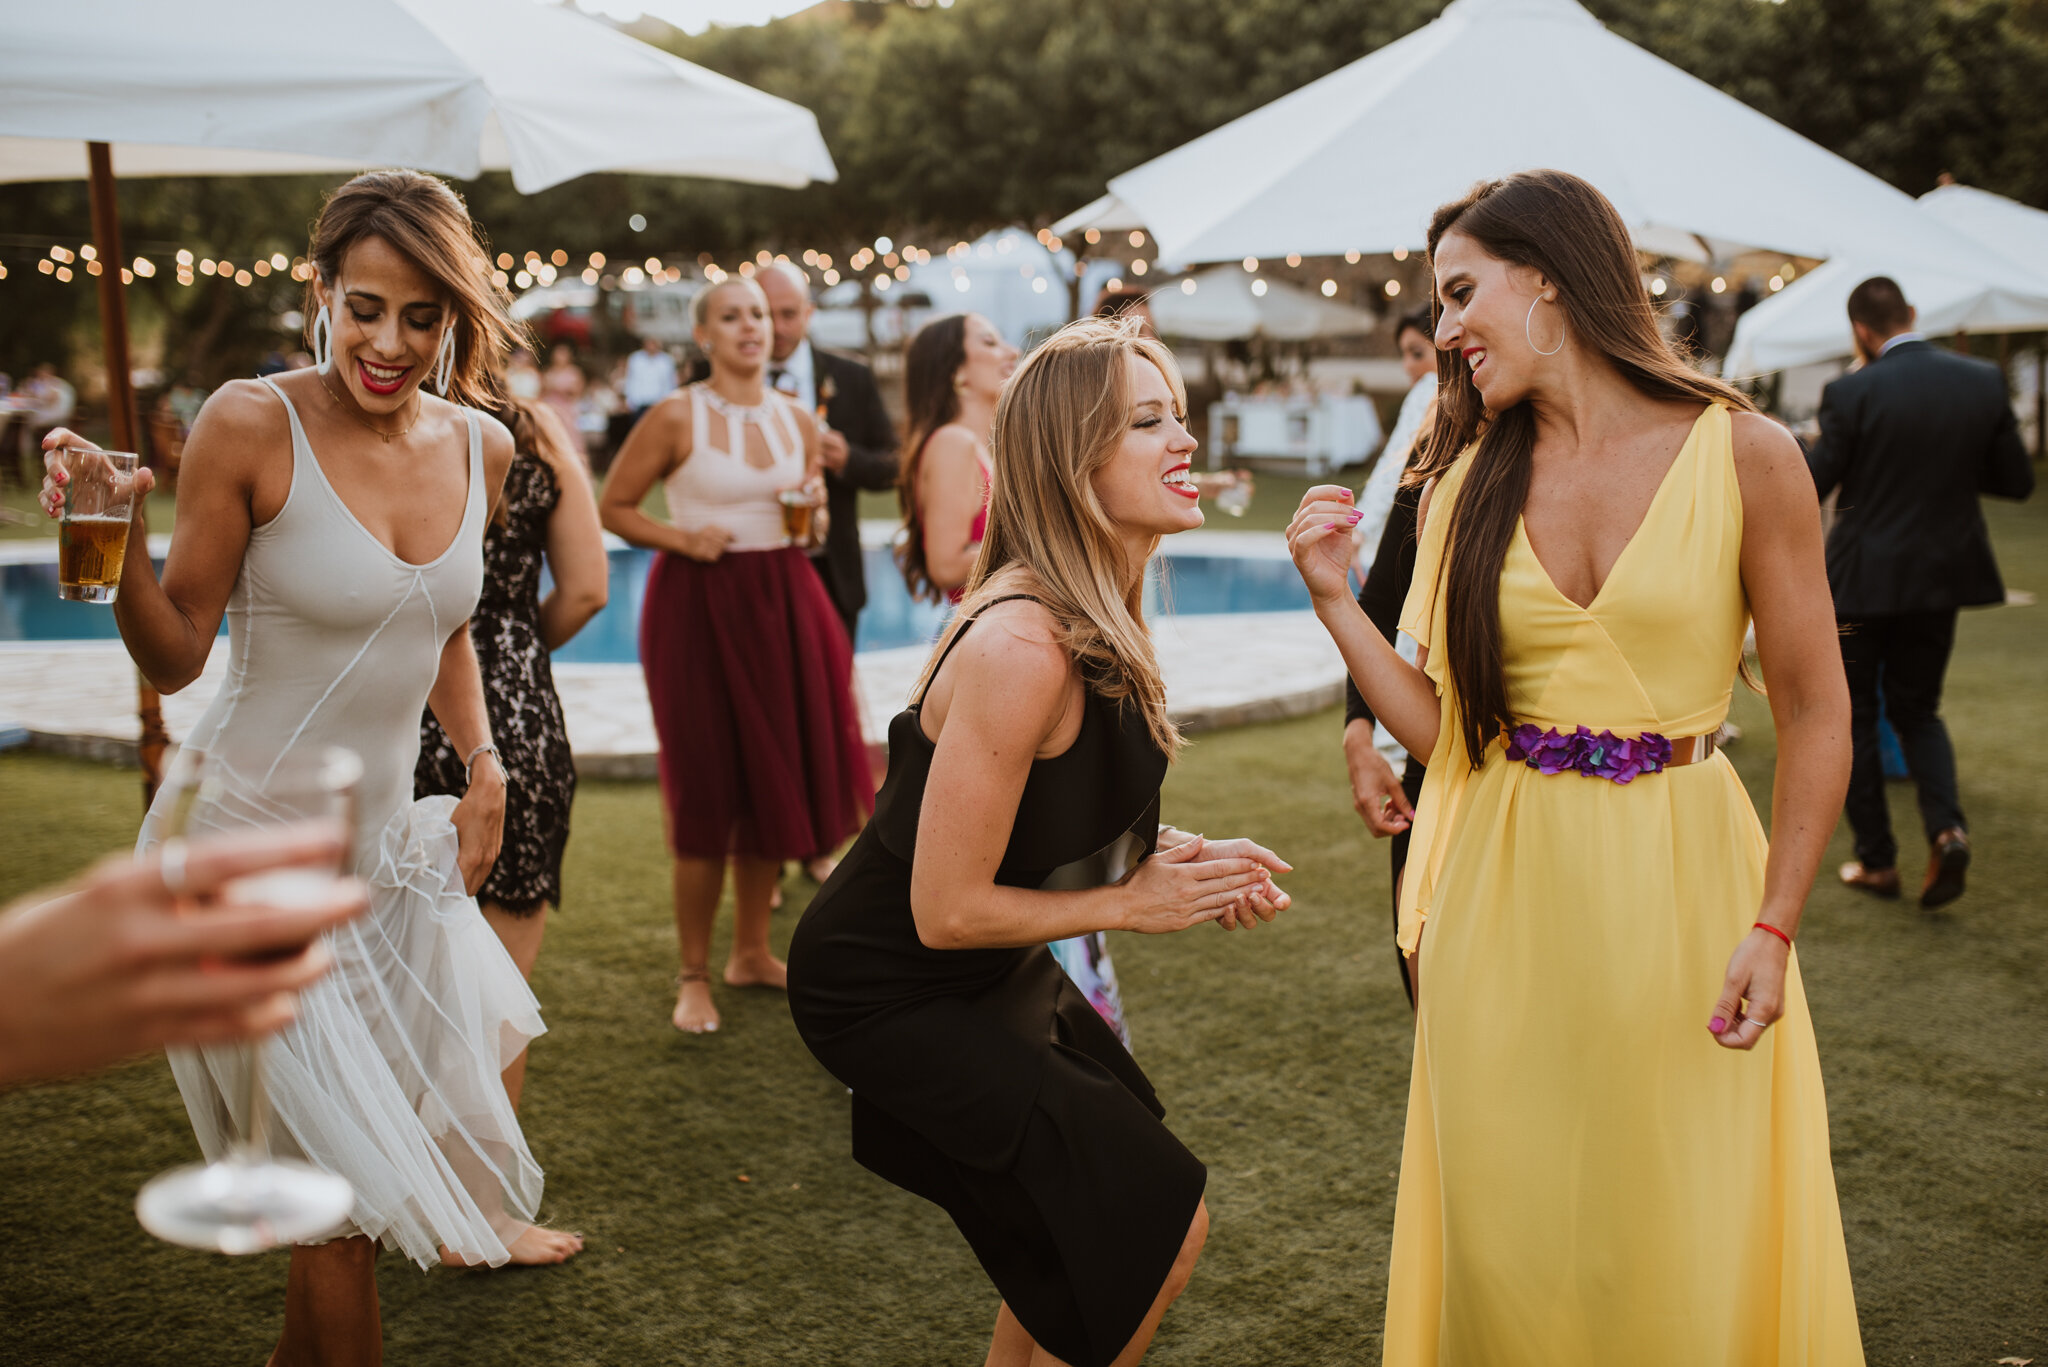 fotografo de bodas las palmas_-116.jpg